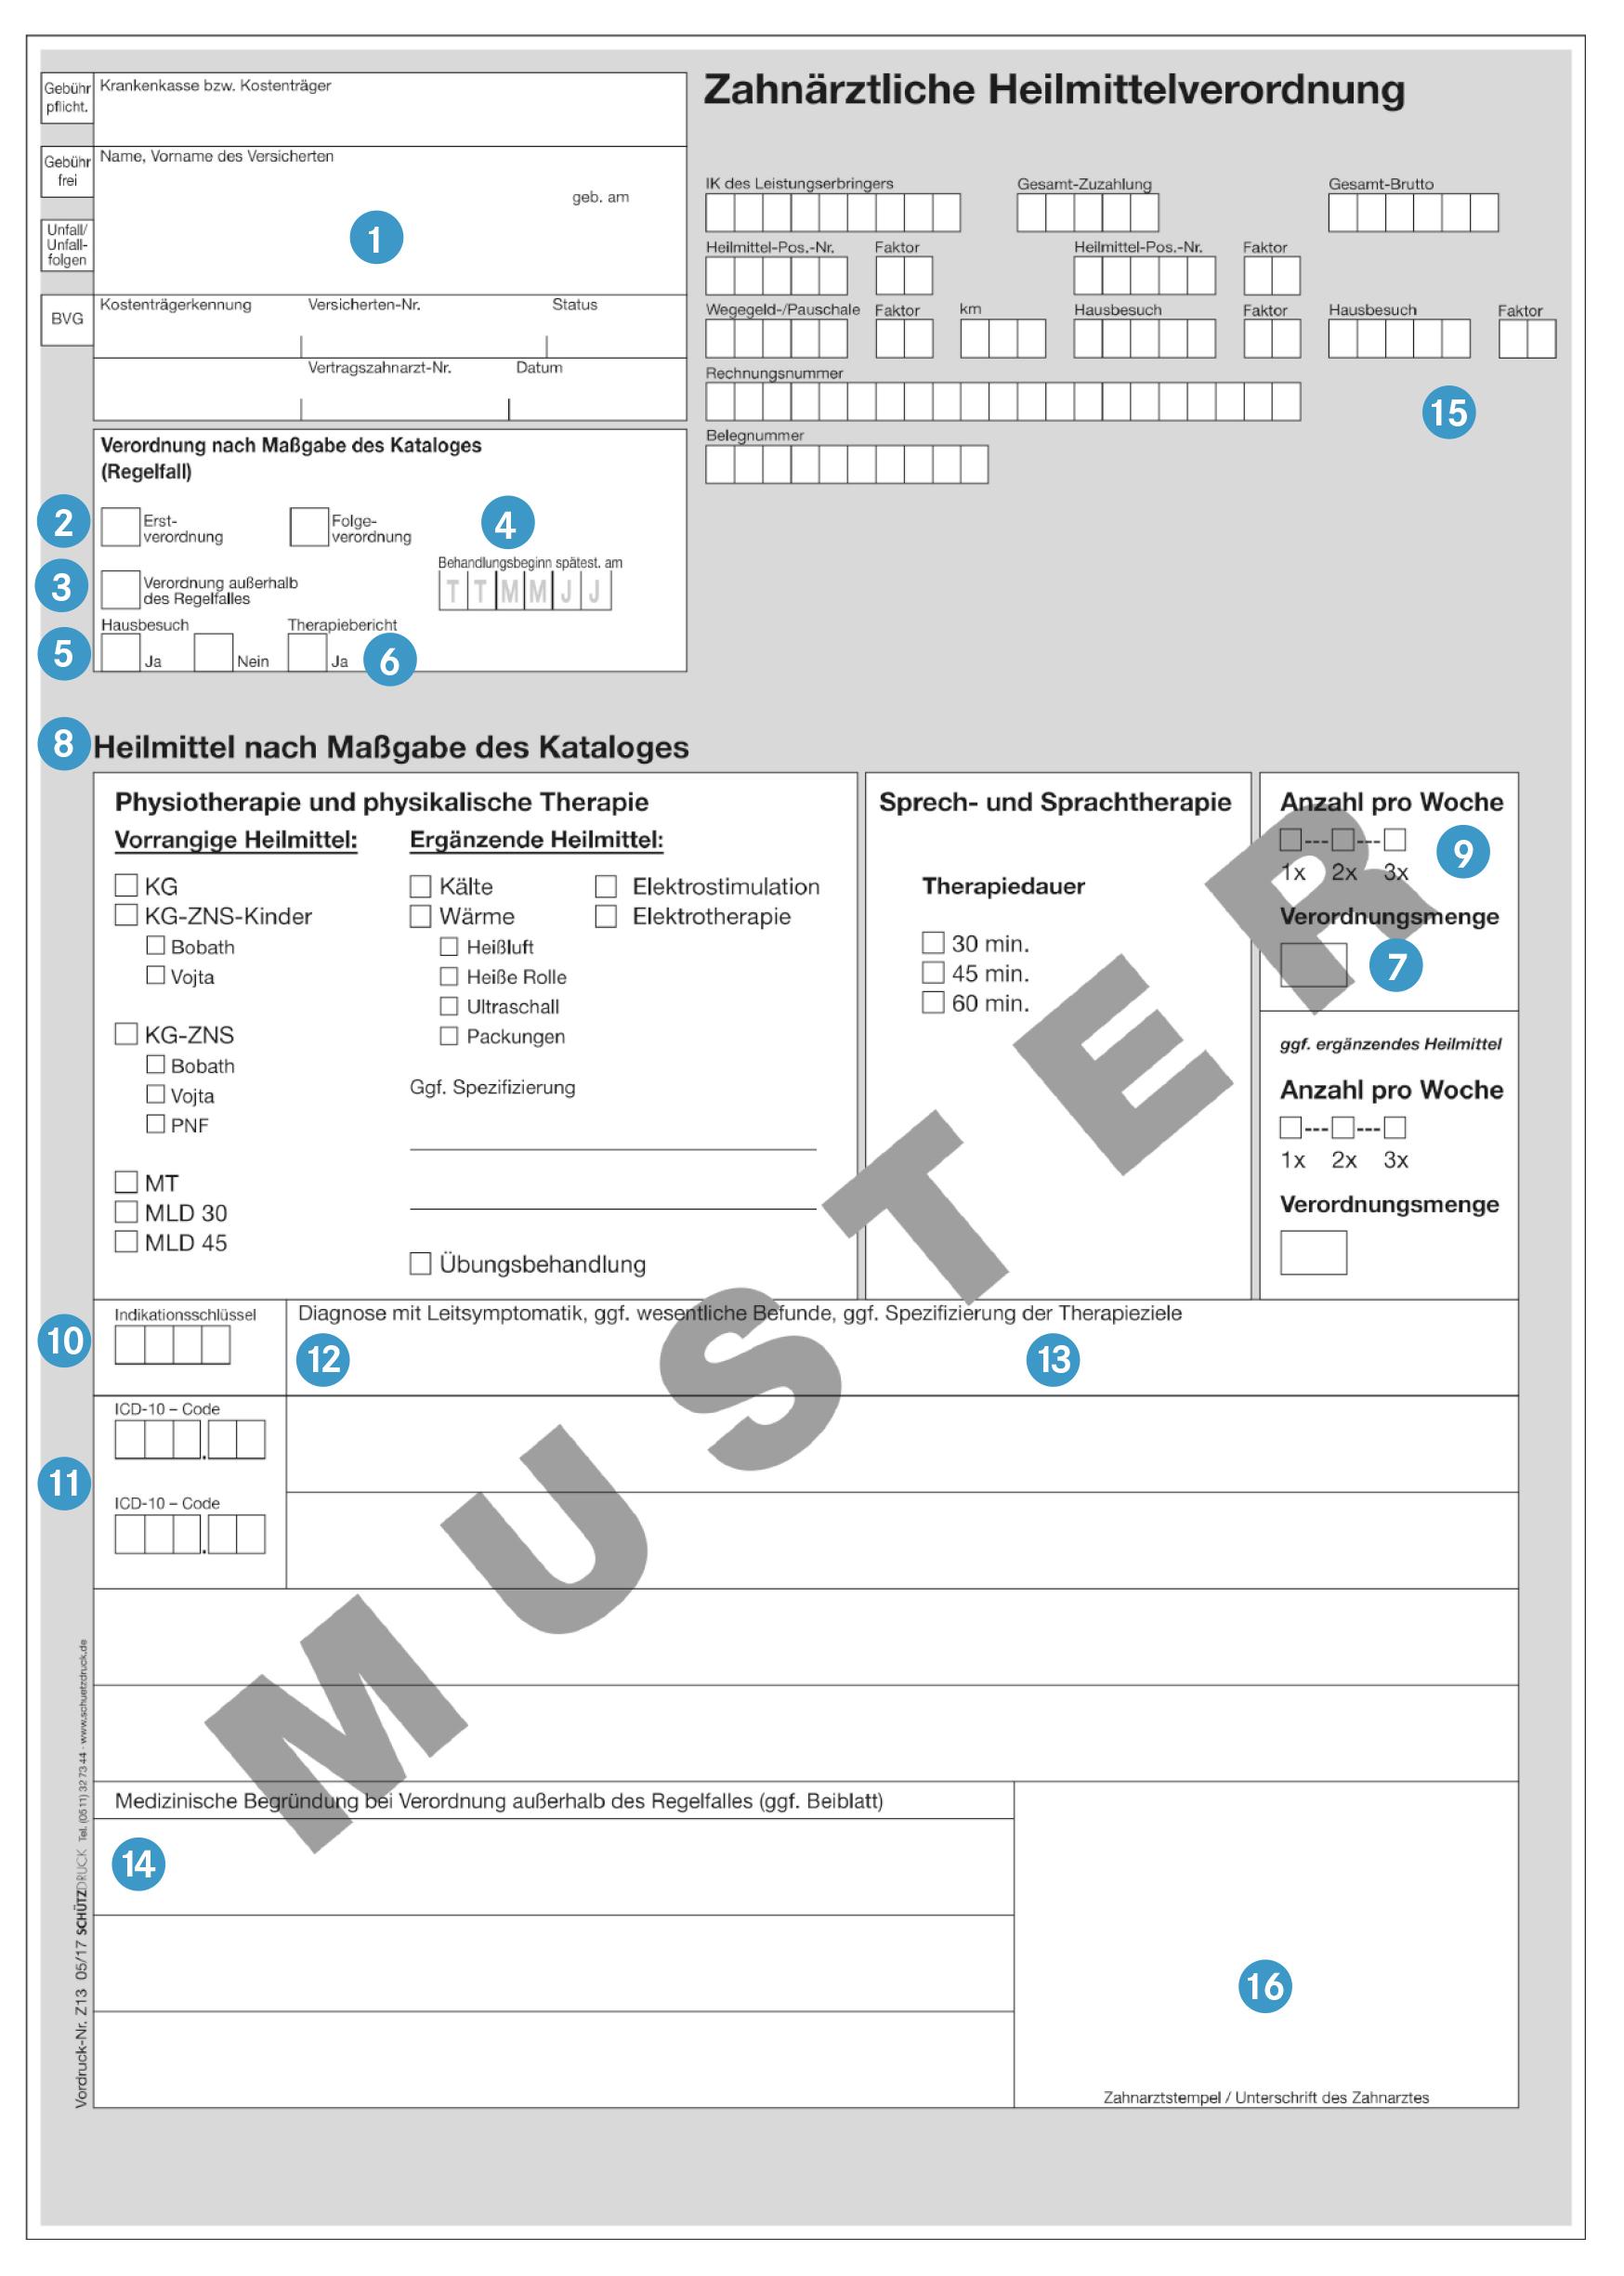 Verordnungsvordruck Z13 Heilmittel Richtlinine Zahnarzte Heilmittelkatalog